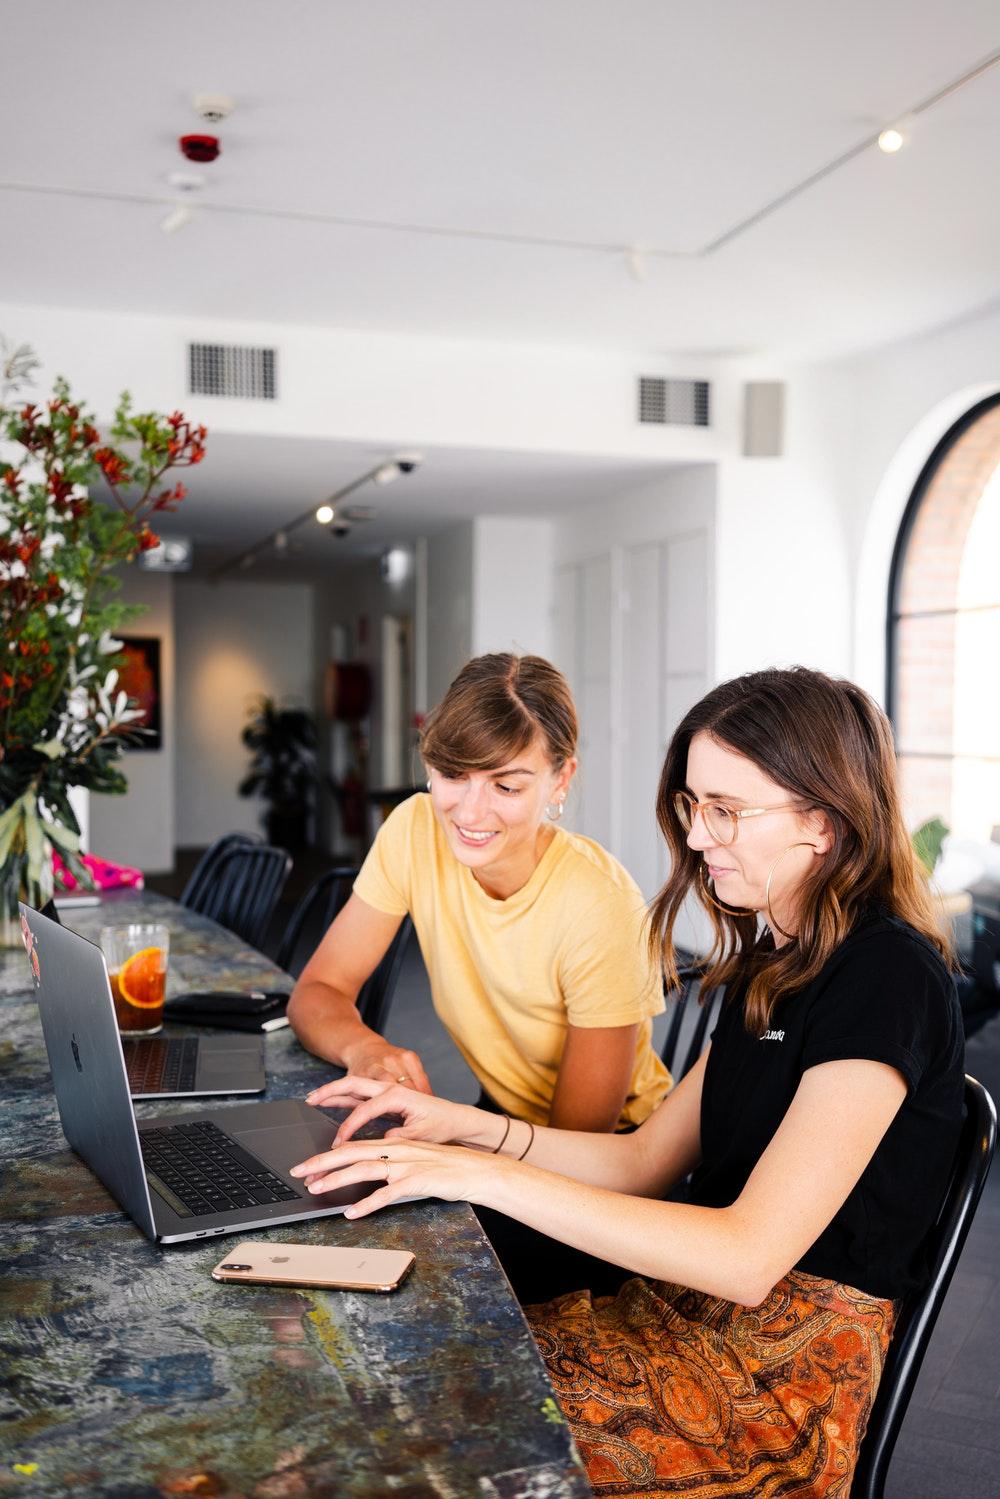 Pentingnya Melakukan Kolaborasi untuk Perkembangan Blog